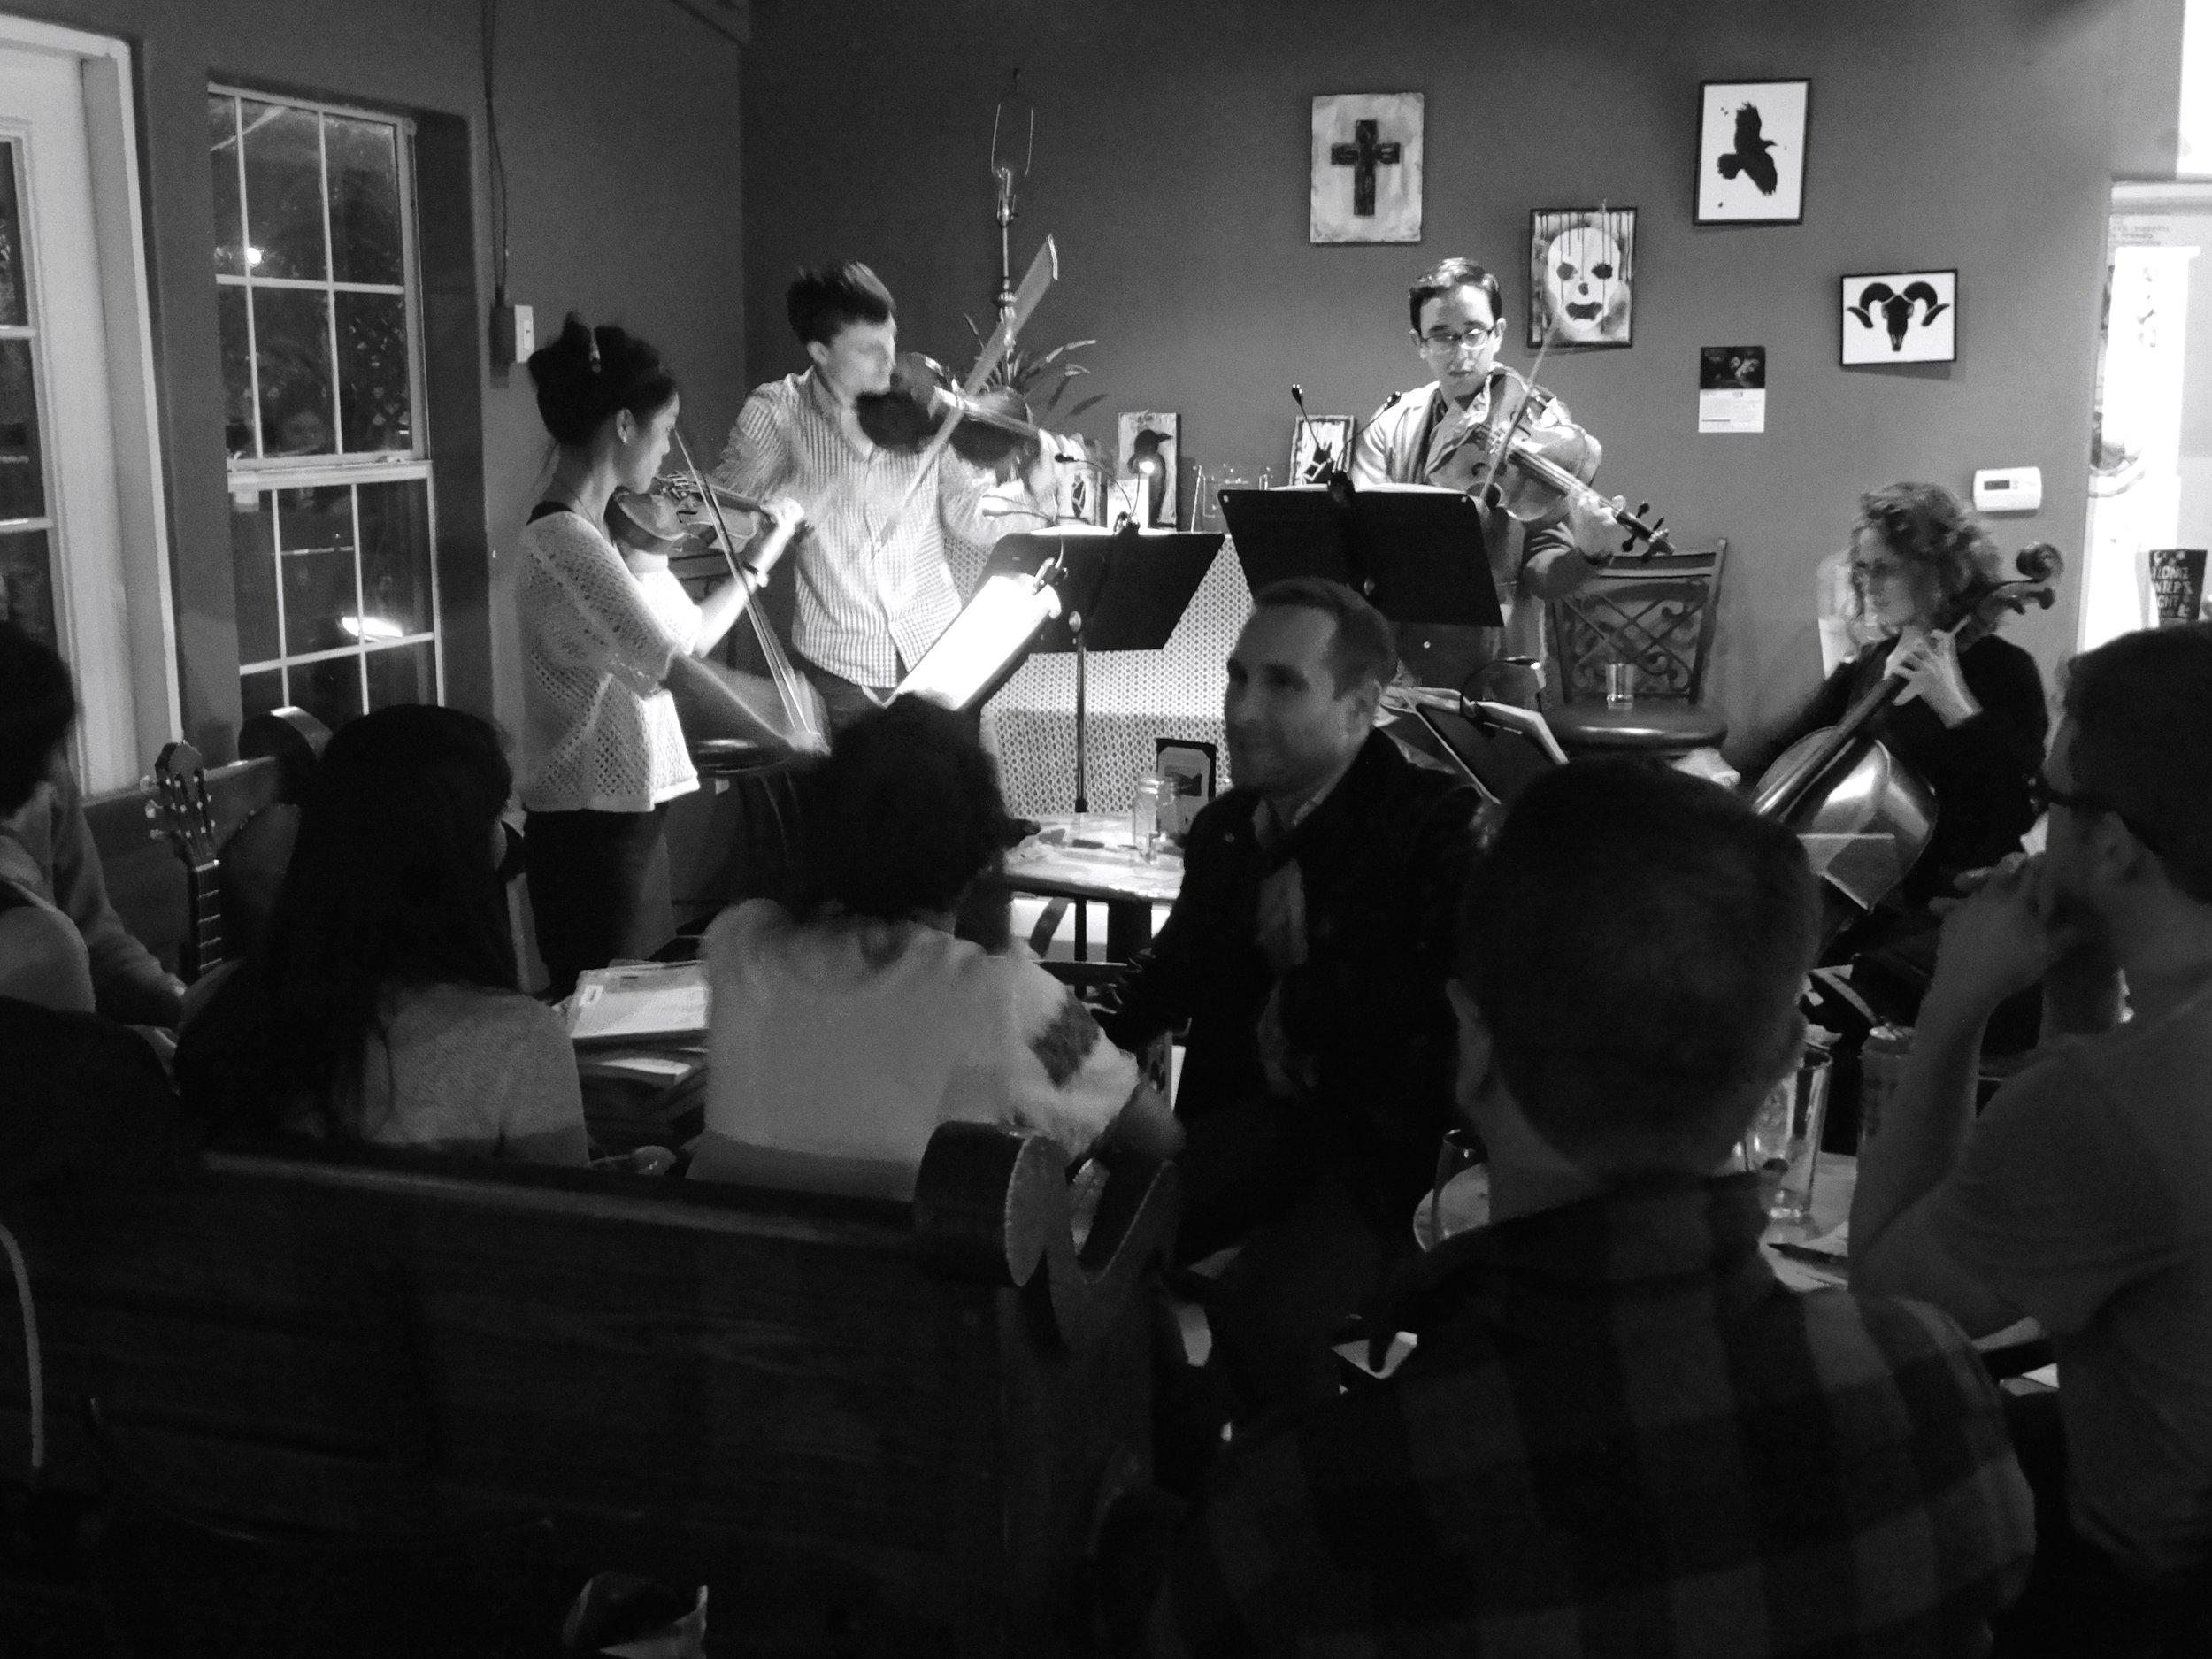 Classical Jam Night, 2015, Austin Texas